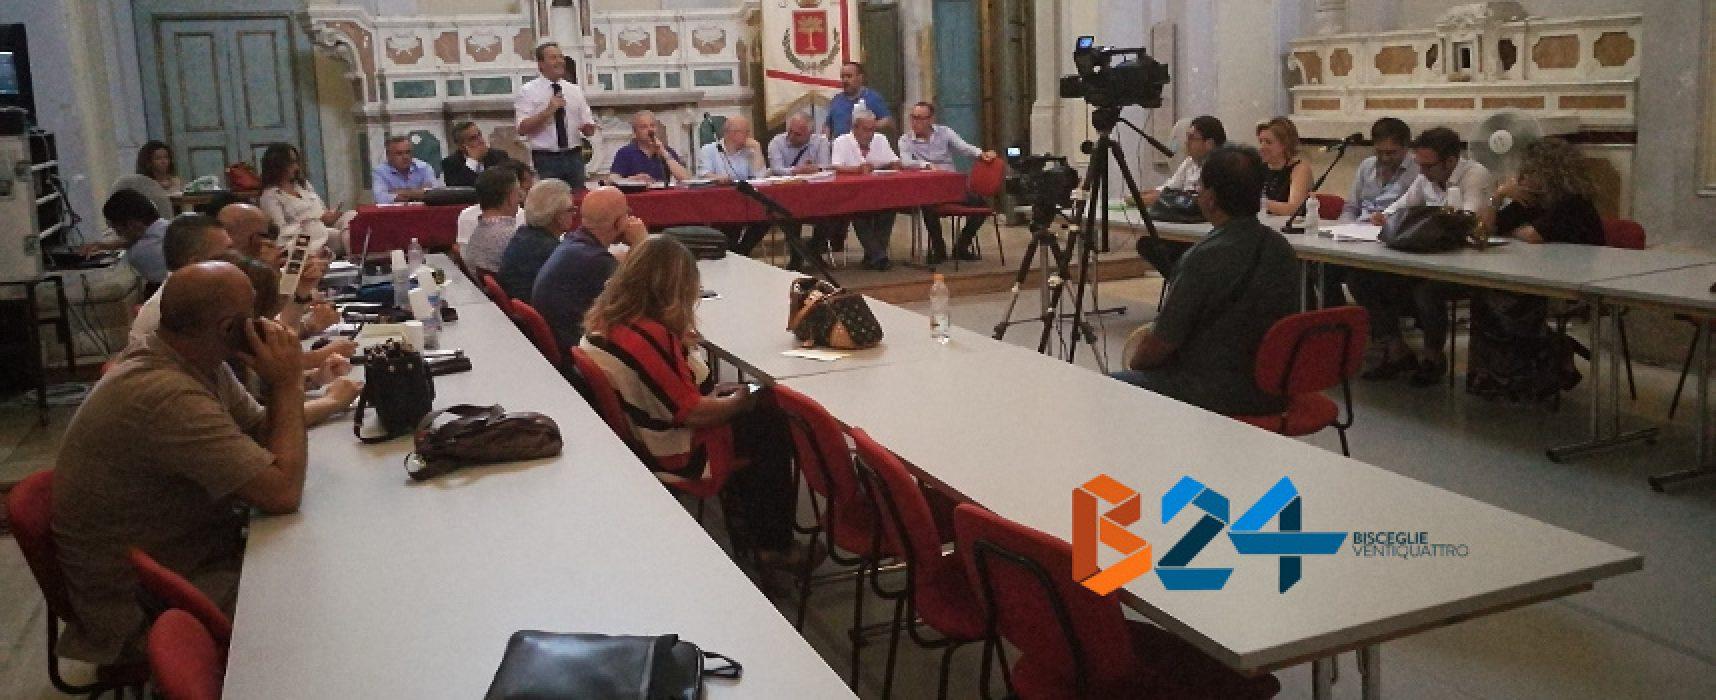 Consiglio comunale, tiene banco la raccolta differenziata: critica unanime ad Ambiente 2.0